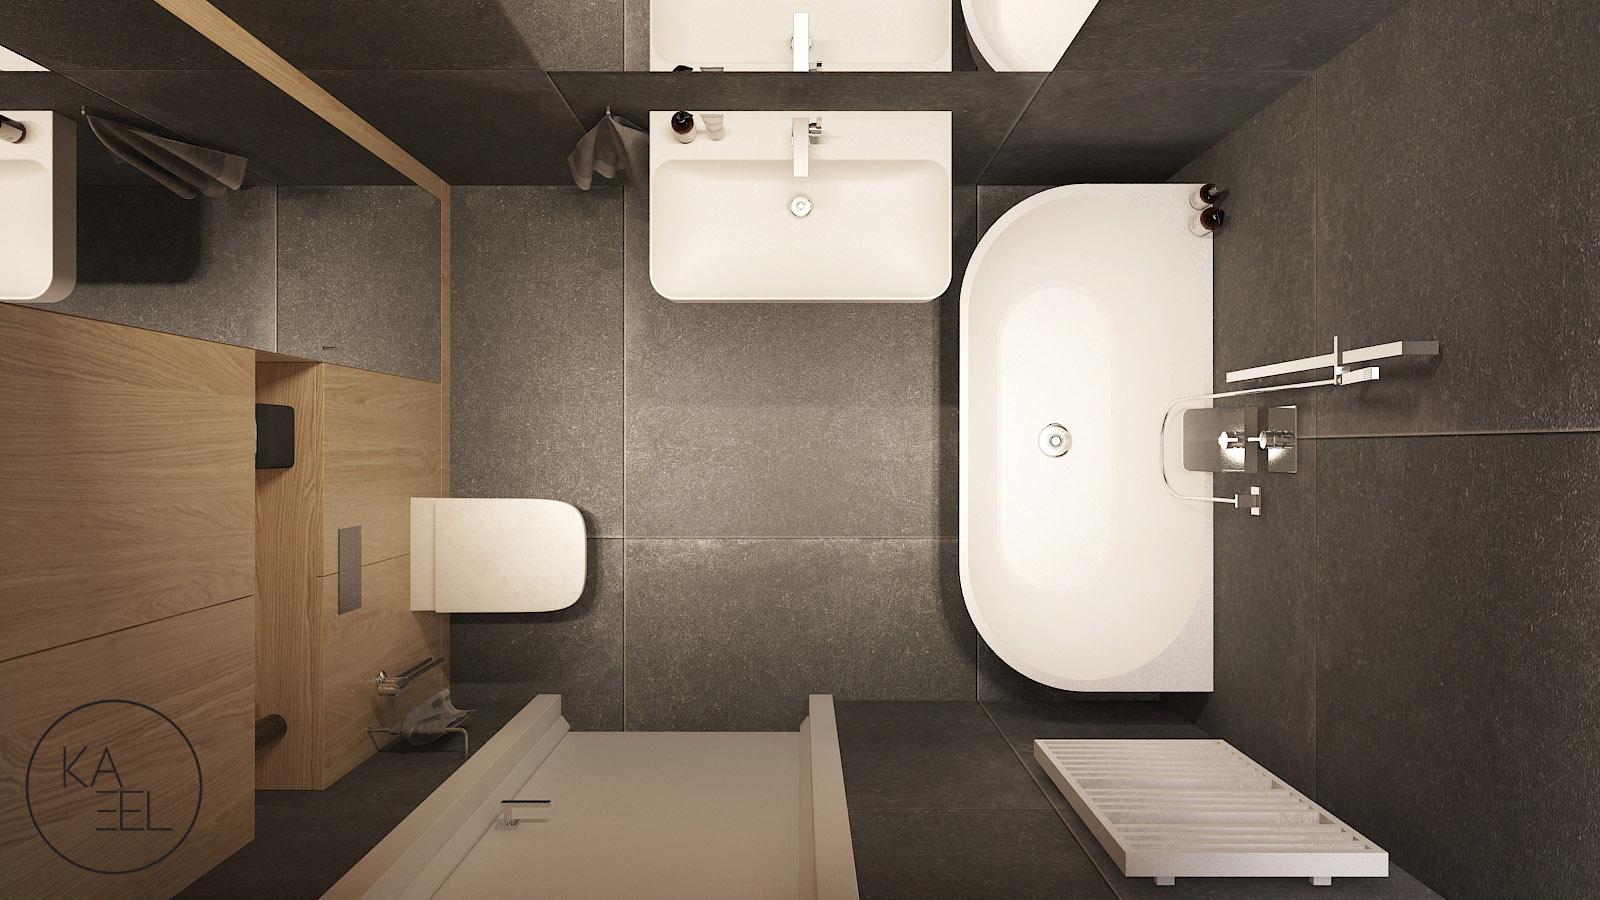 44j-projektowanie-wnetrz-warszawa-mozaikamokotow-kaeel-group